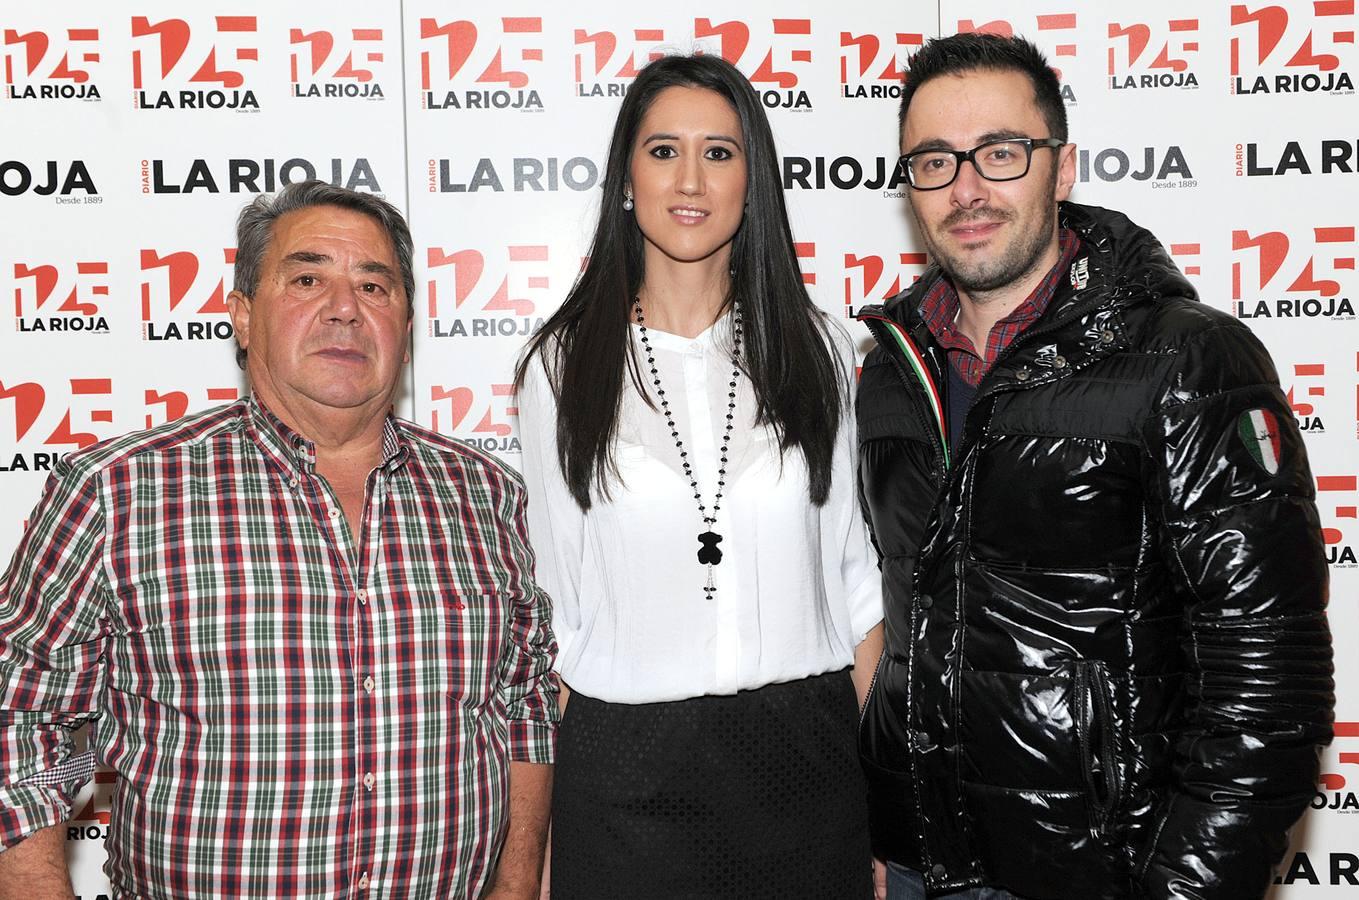 Diario LA RIOJA brinda una fiesta a sus vendedores de prensa (II)